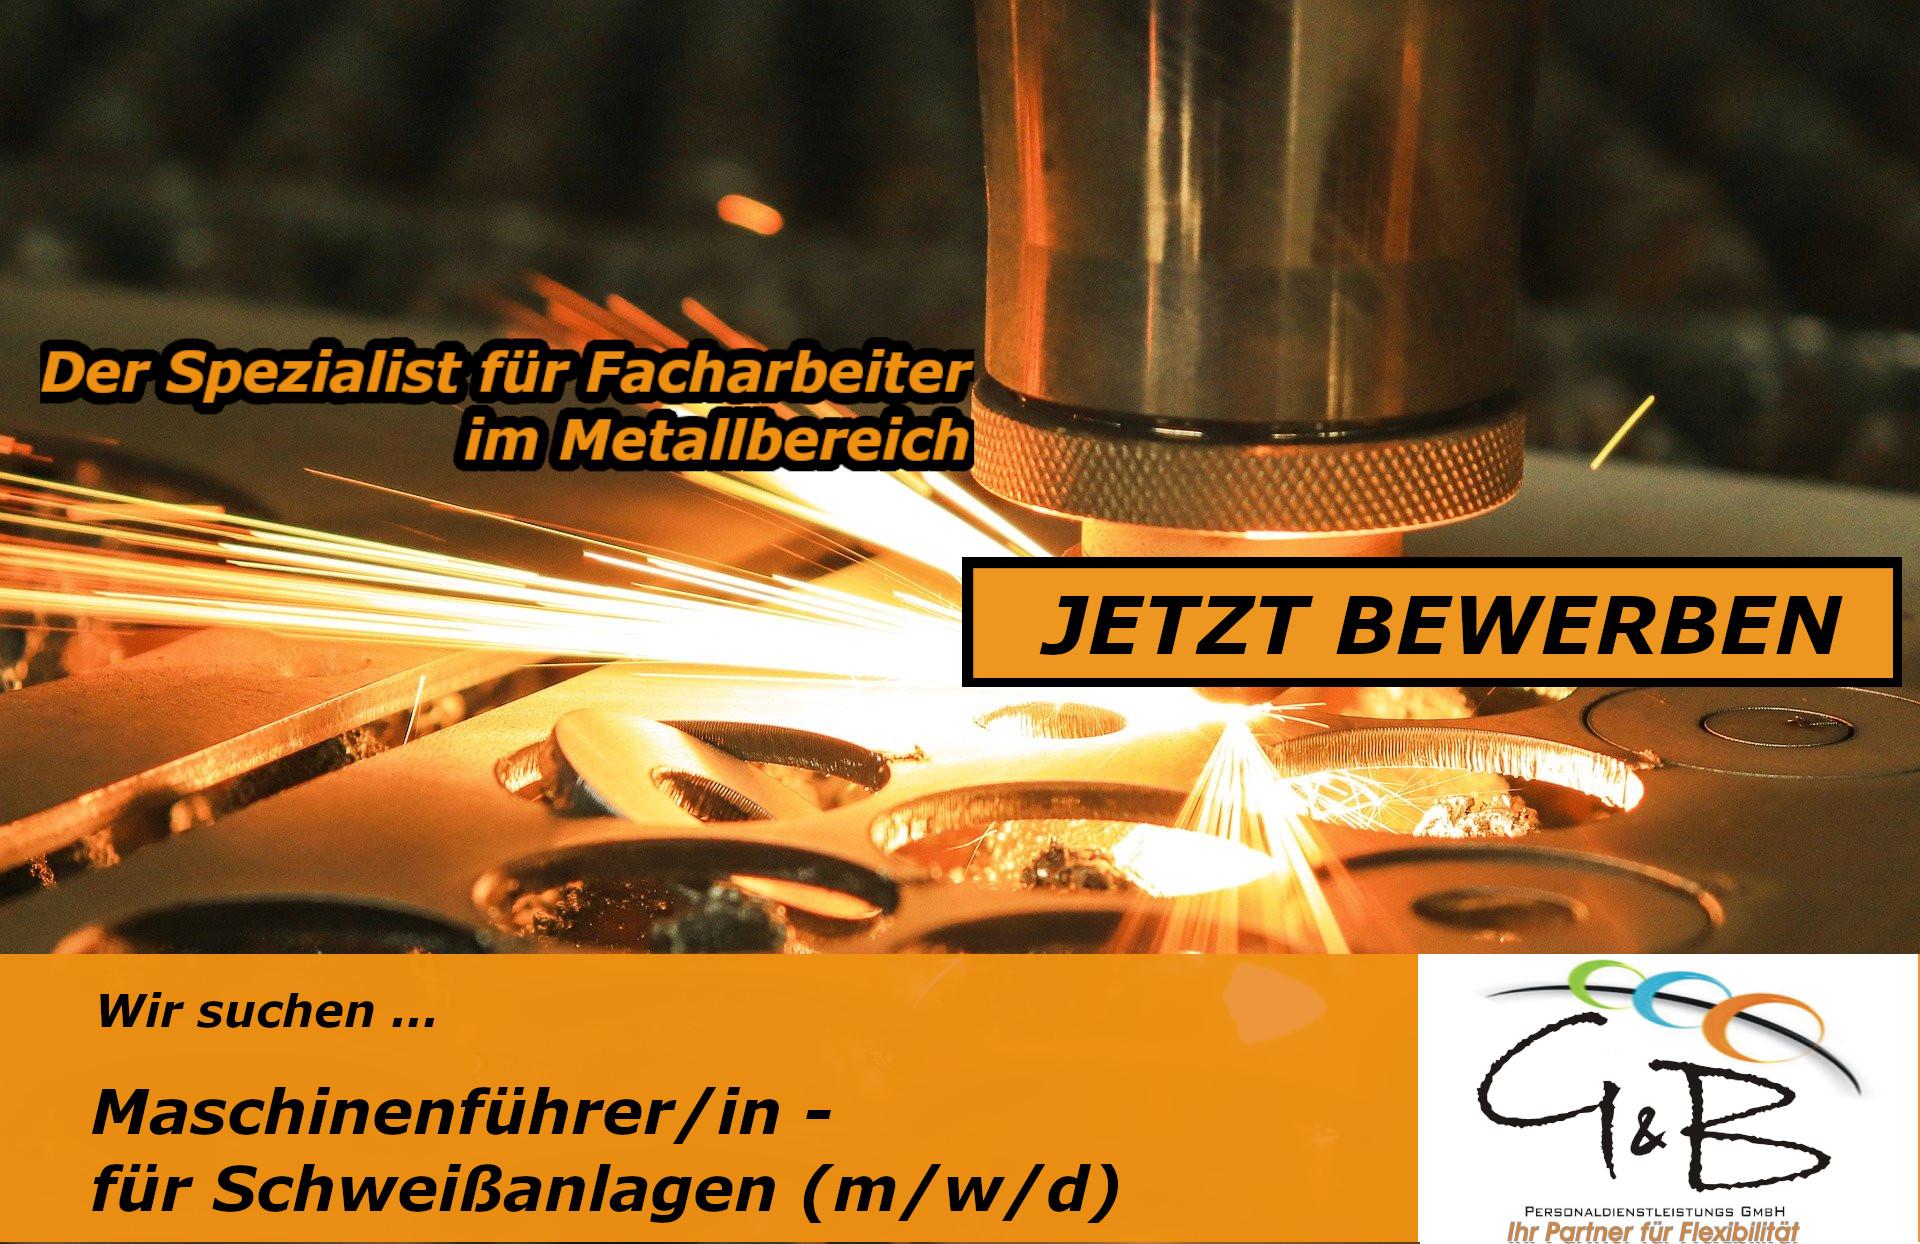 G&B_Maschinenführer-Schweißanlagen